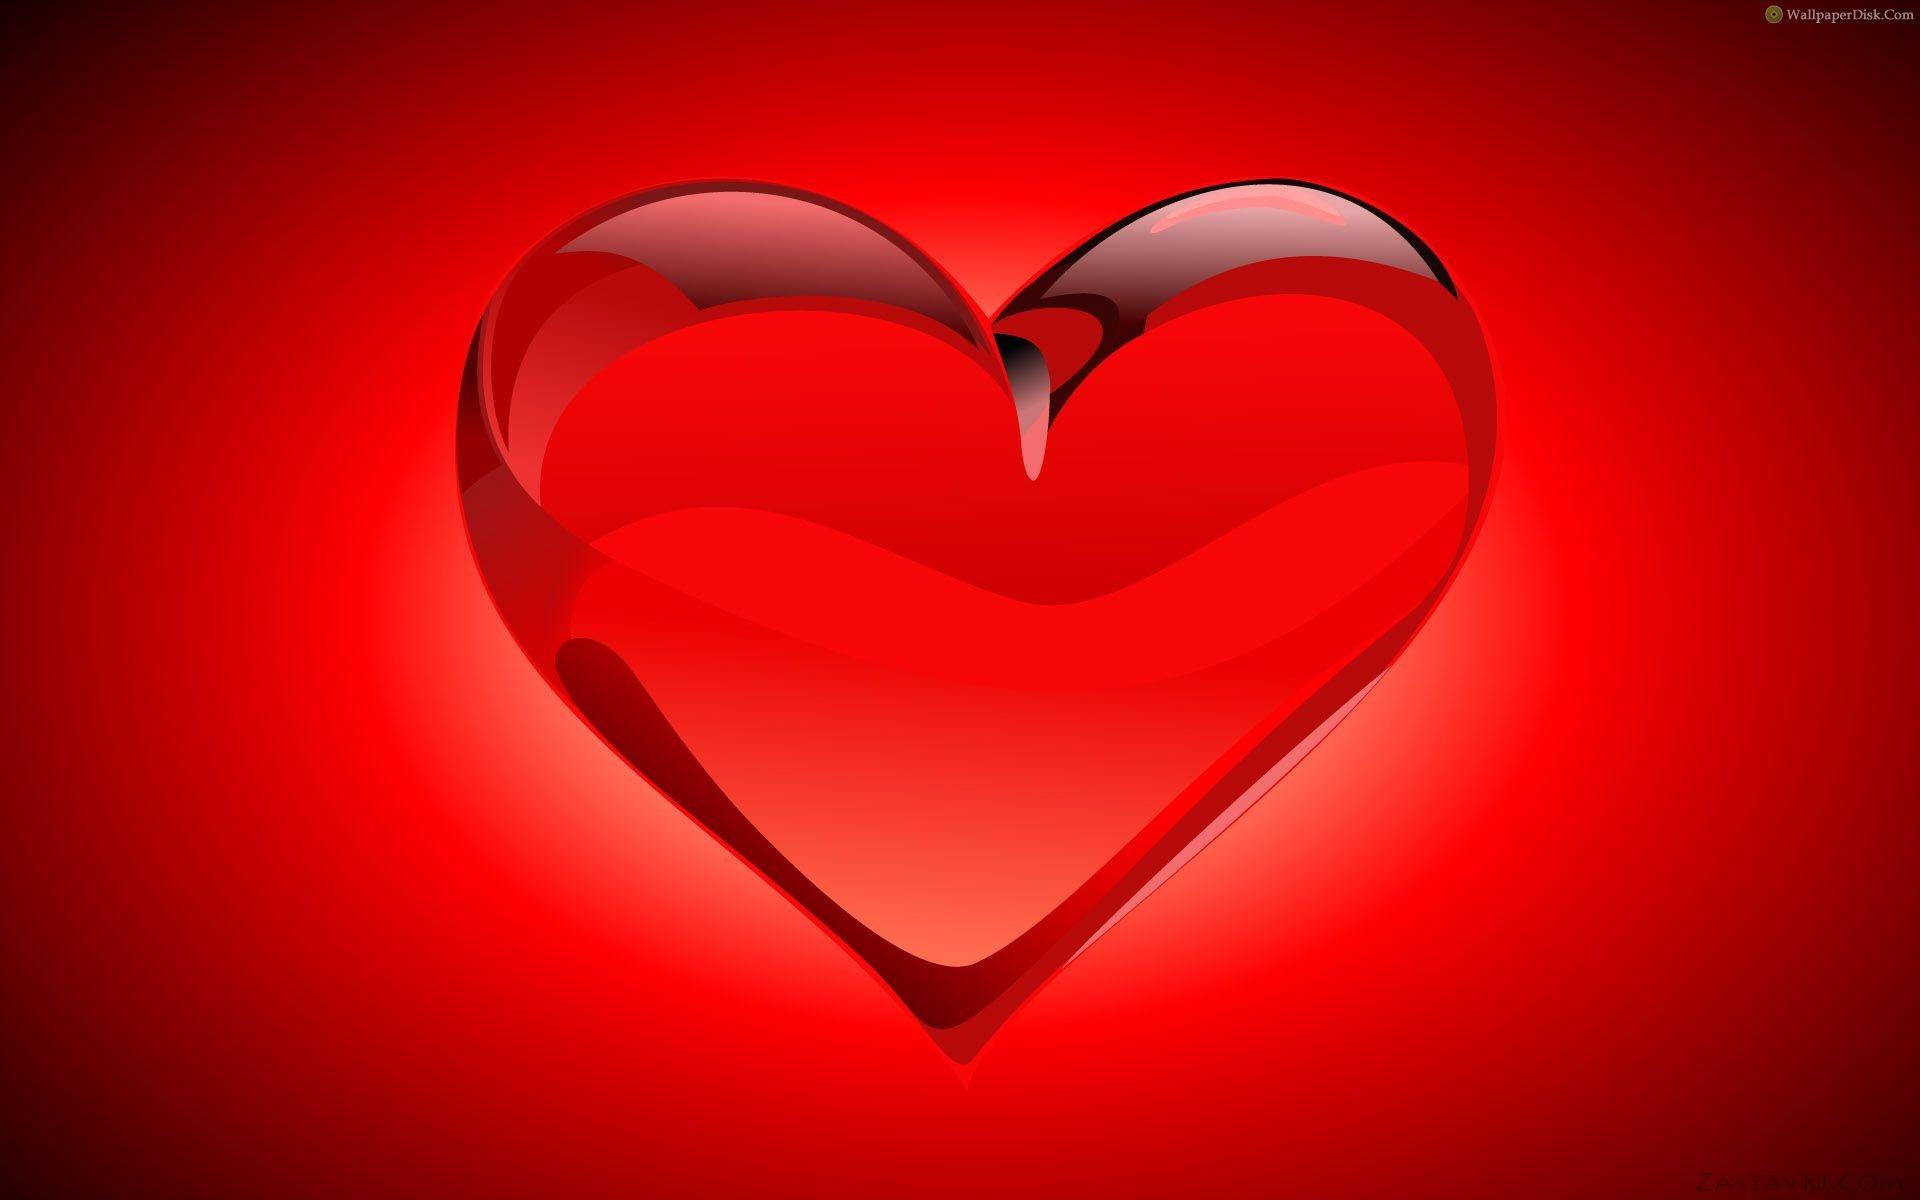 Heart shape wallpaper wallpapertag - Heart to heart wallpaper ...